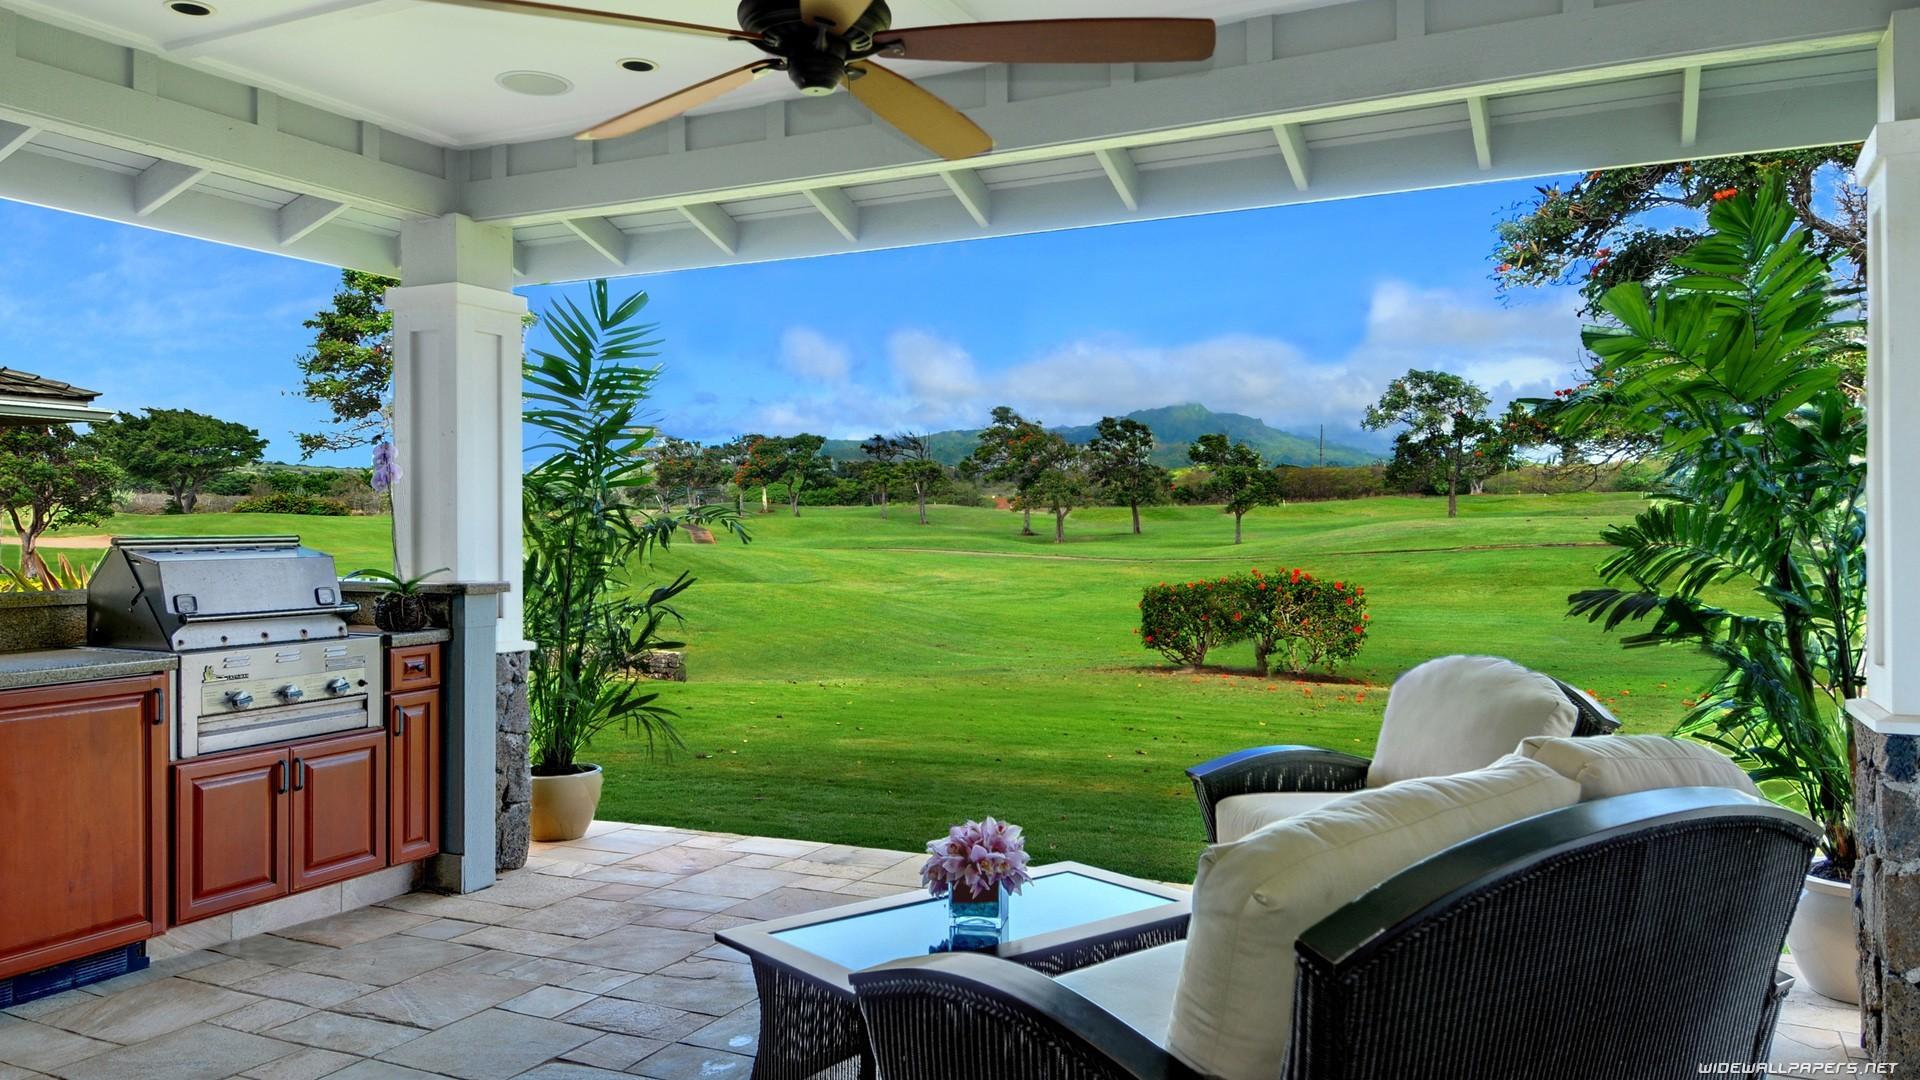 Fondos de pantalla rboles plantas mesa silla dise o de interiores caba a patio interior - Ley propiedad horizontal patio interior ...